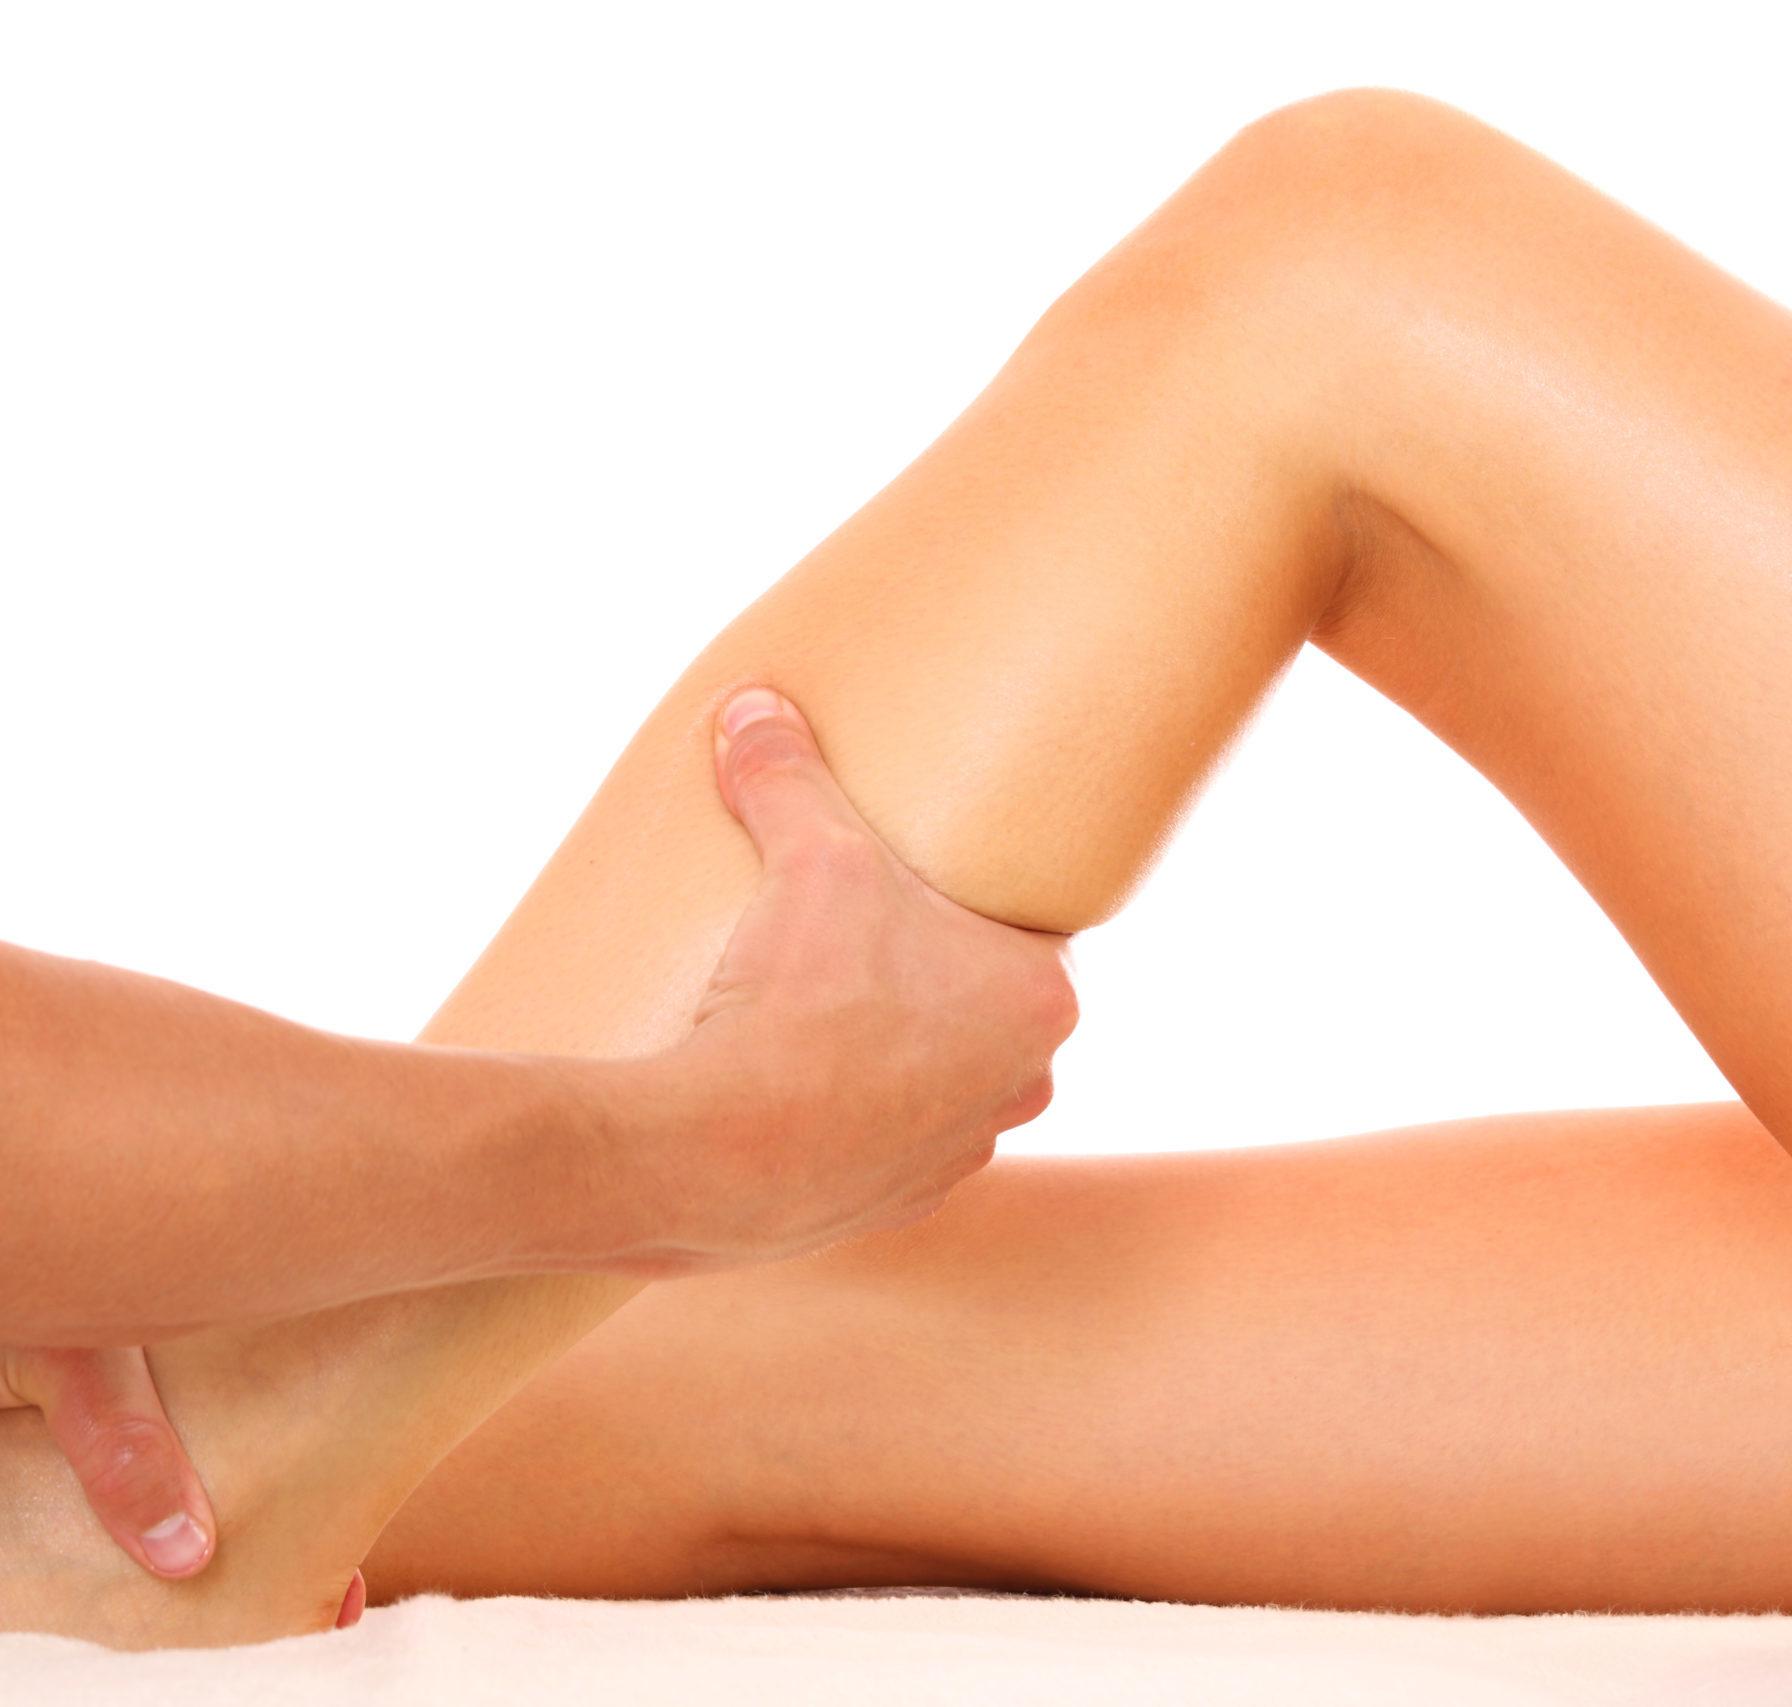 Leziune de cartilaj - Condropatia Tratamentul leziunilor interne la genunchi